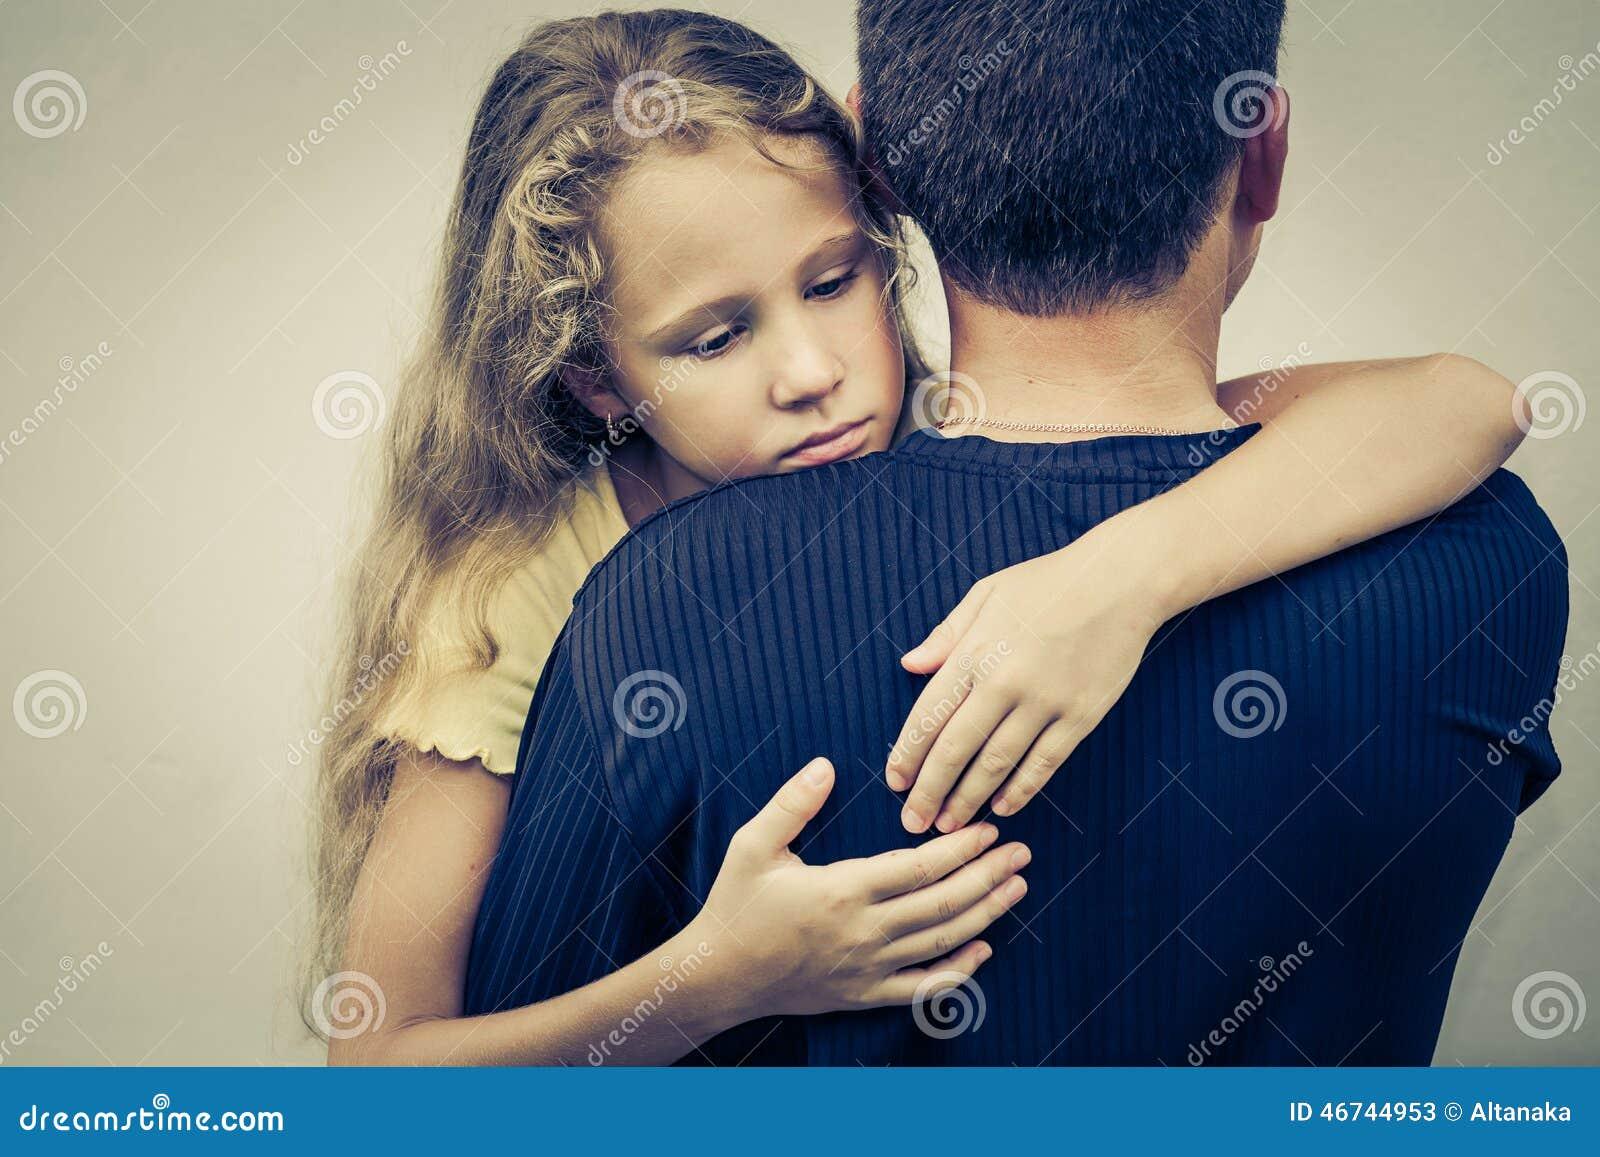 Русские отец и дочь занимаются сексом онлайн бесплатно, Отец и дочь, отец ебет дочь - Смотреть порно видео 26 фотография